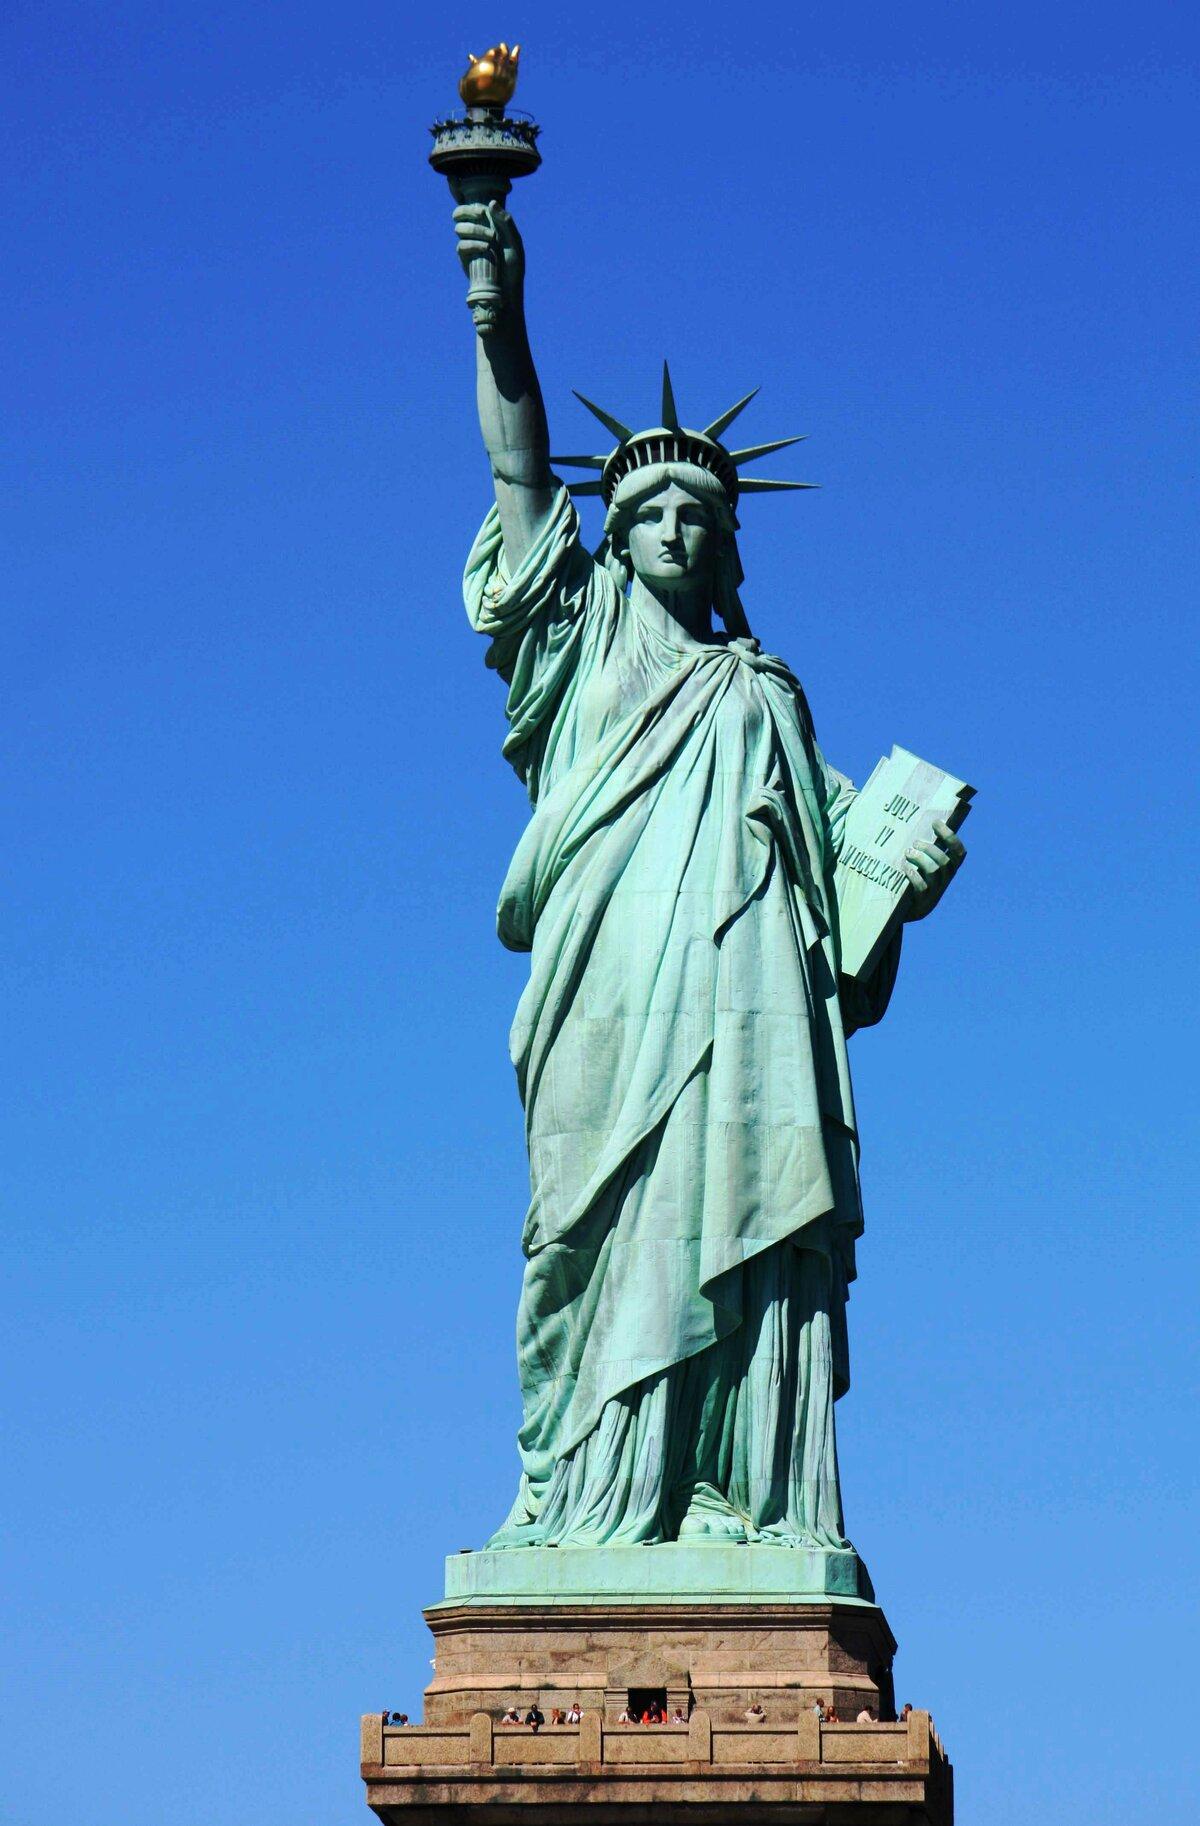 согнуть ногу картинки американские памятники подкупает гостей шумных